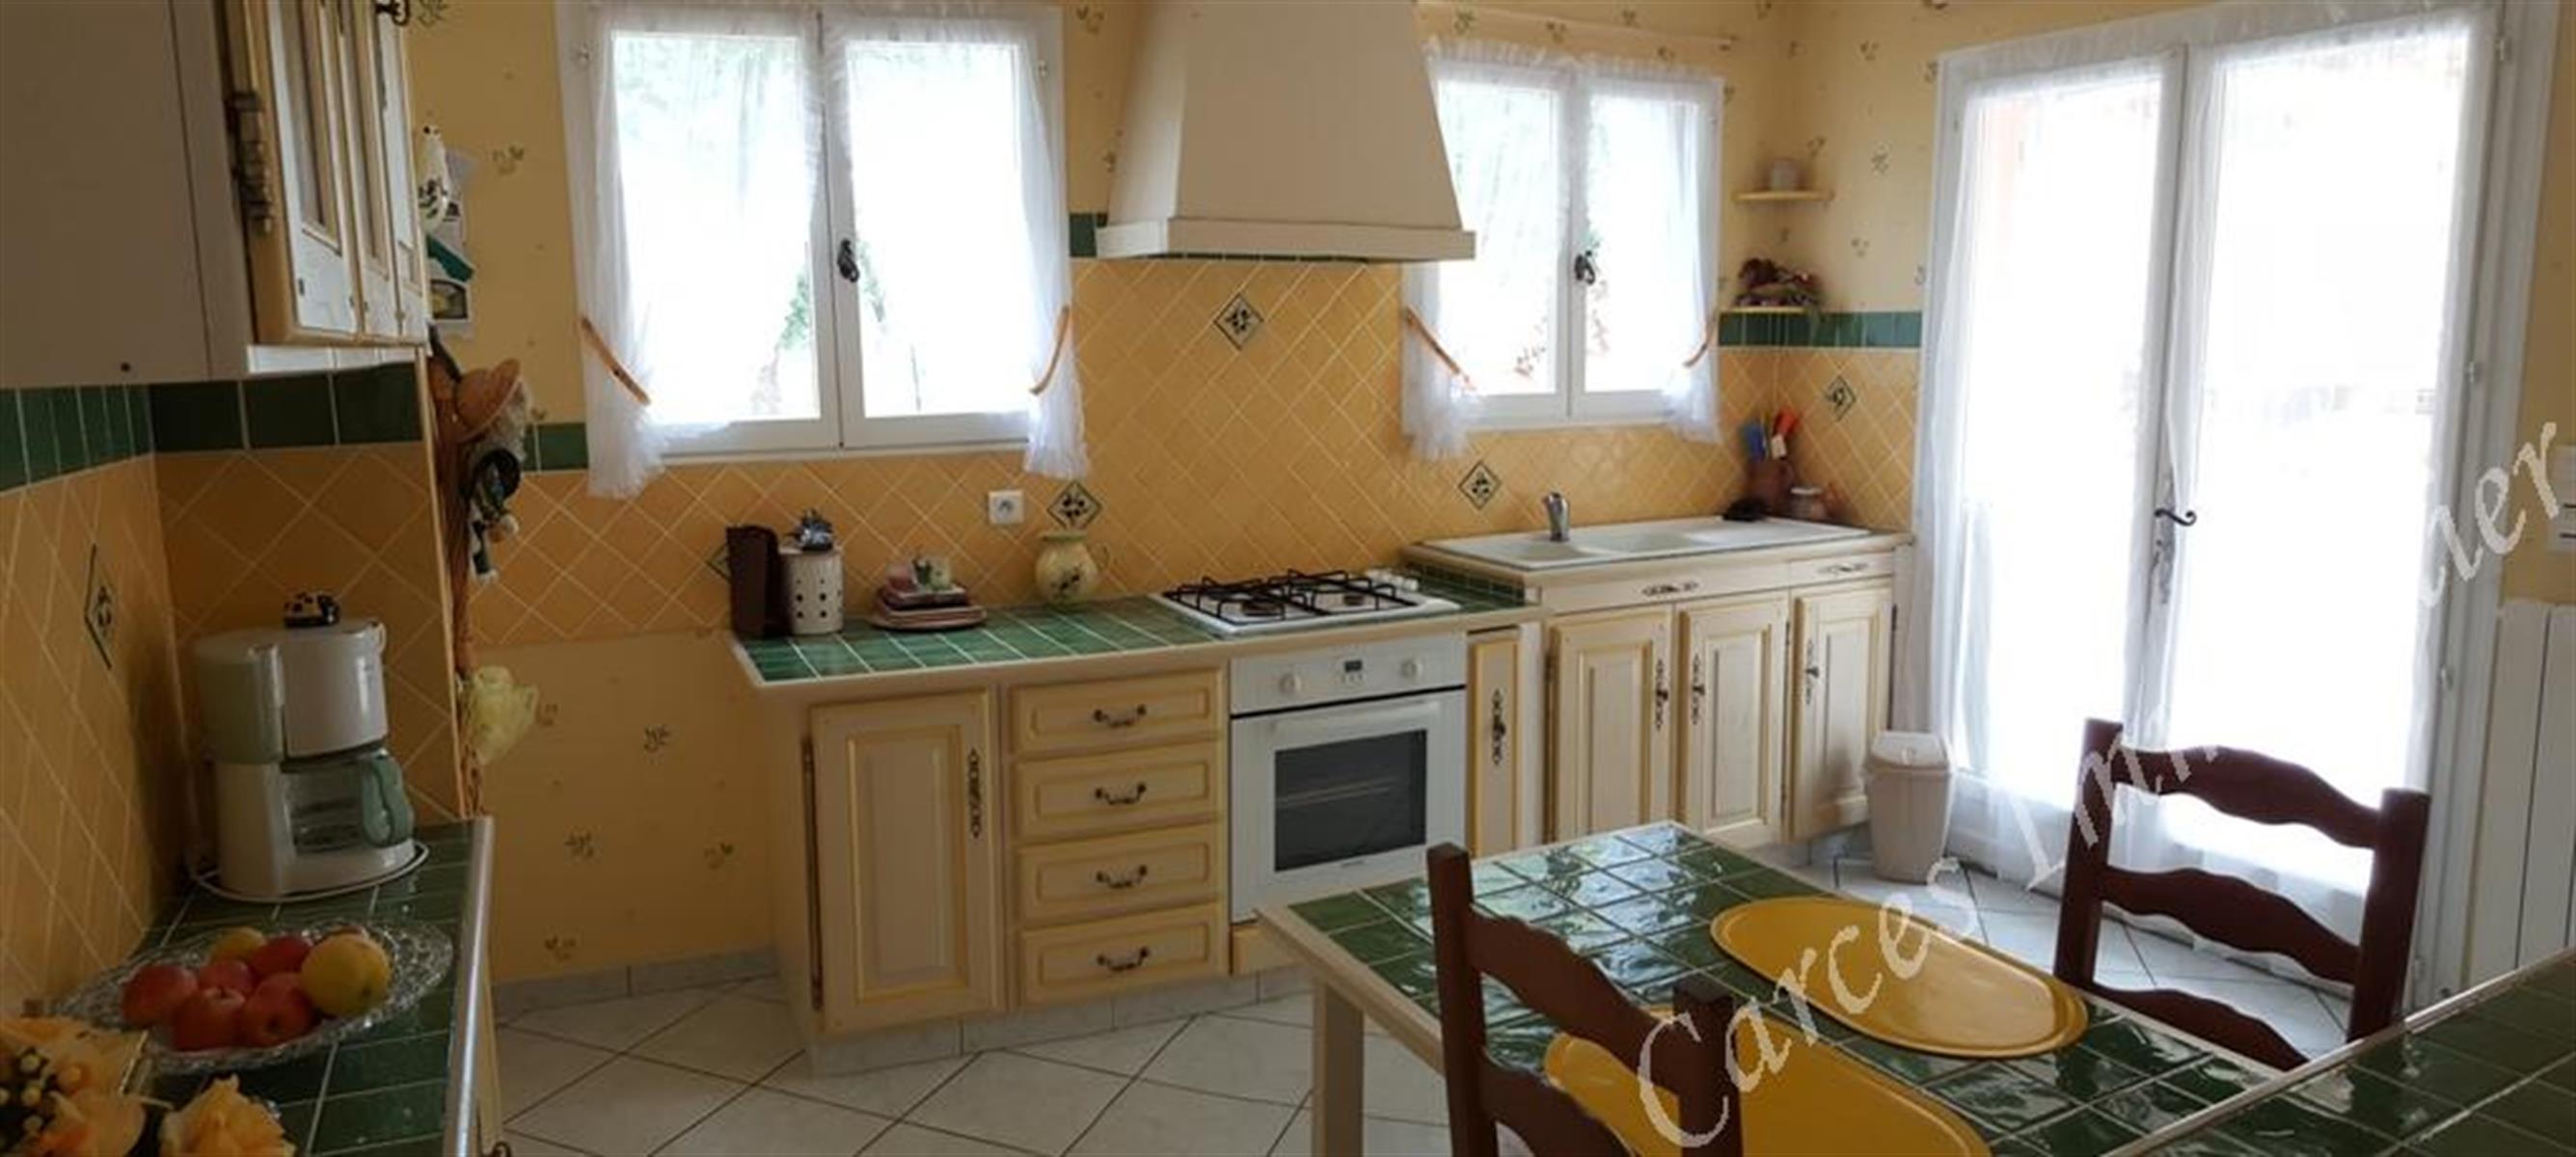 Villa - MONTFORT SUR ARGENS - #3627684-3